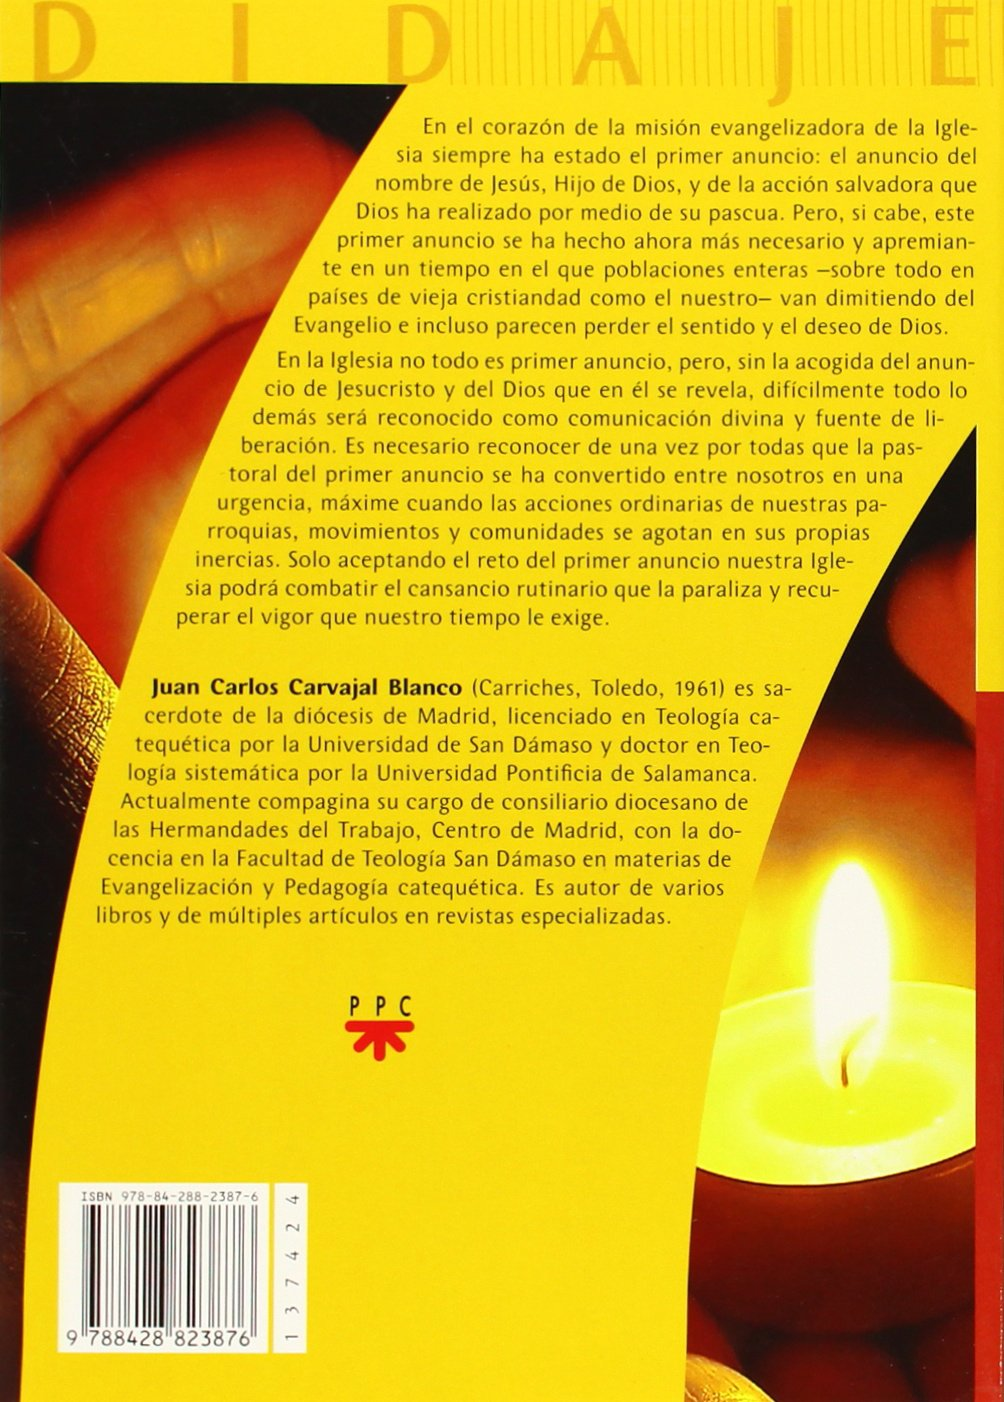 Pedagogia Del Primer Anuncio El Evangelio Ante El Reto De La Increencia 19 Didaje Amazon Es Carvajal Blanco Juan Carlos Libros